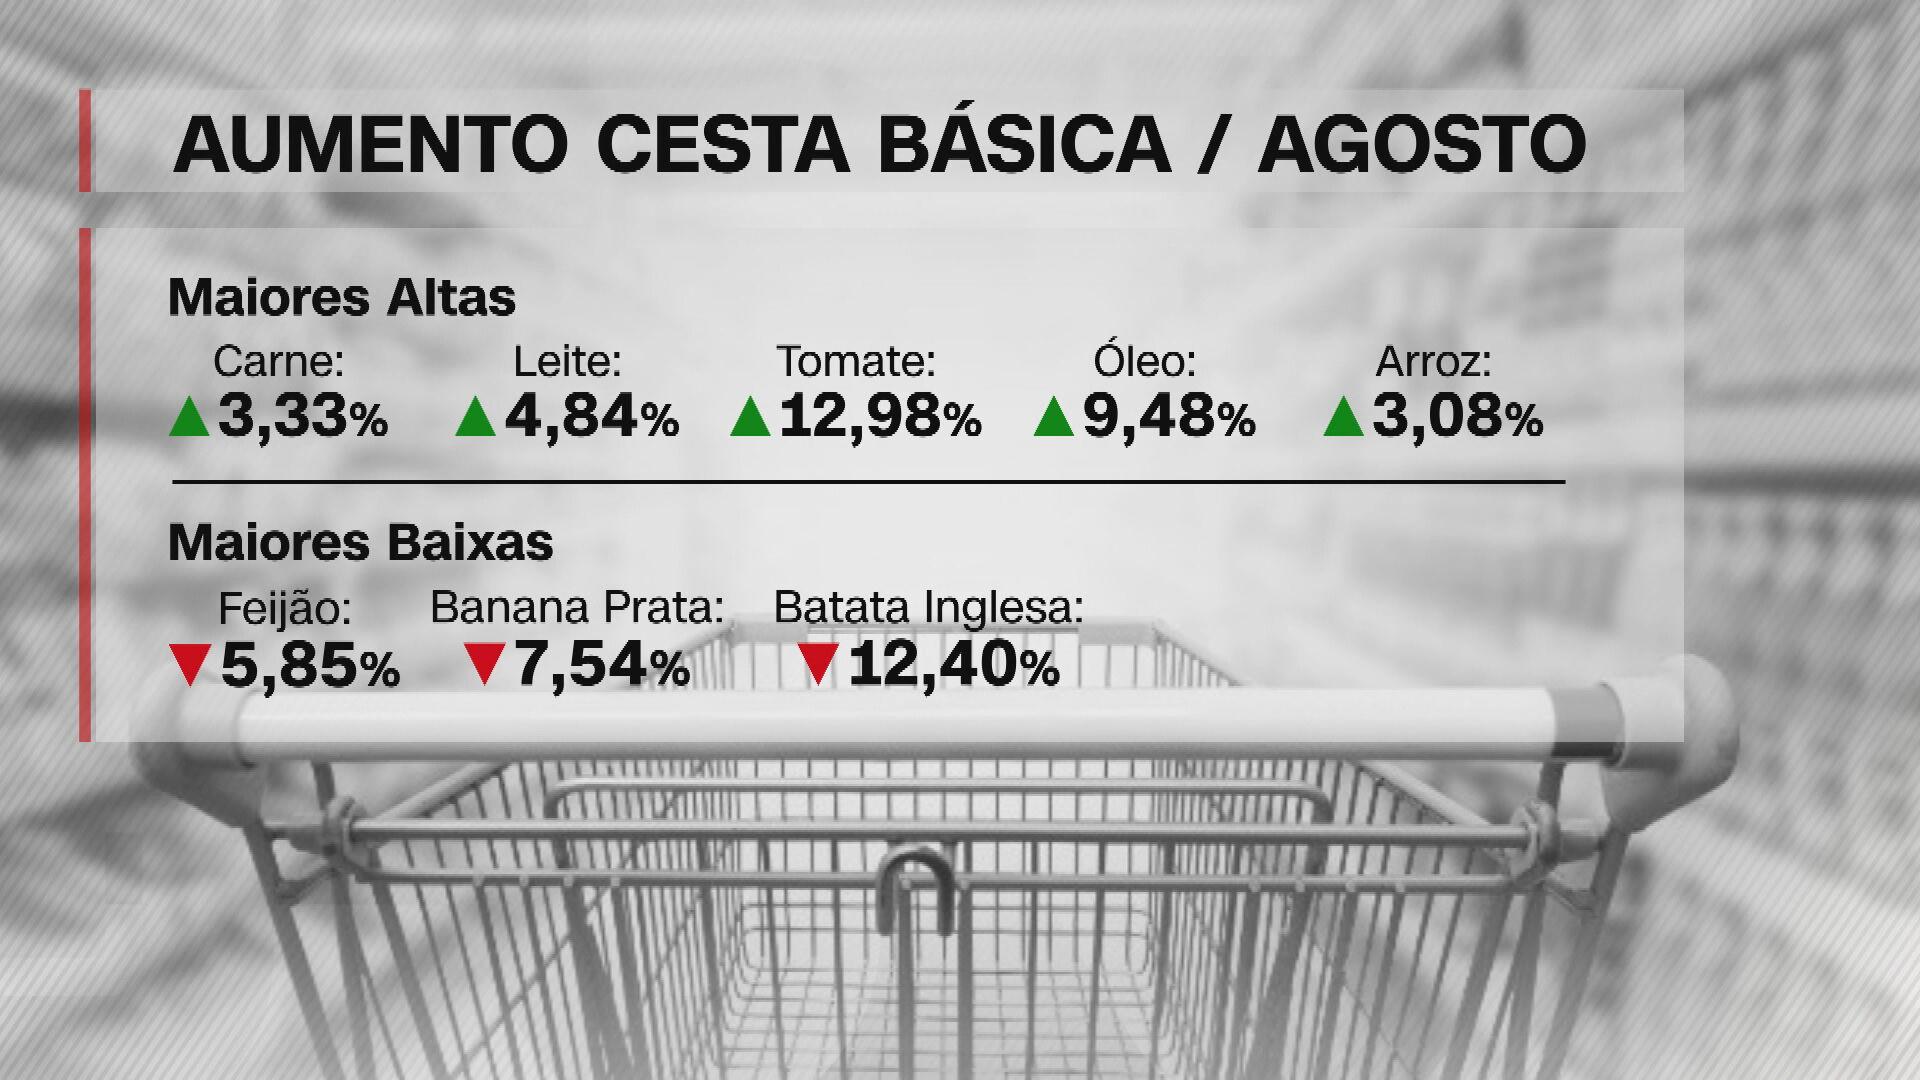 Após alta de mais de 8%, governo tenta diminuir o preço da cesta básica